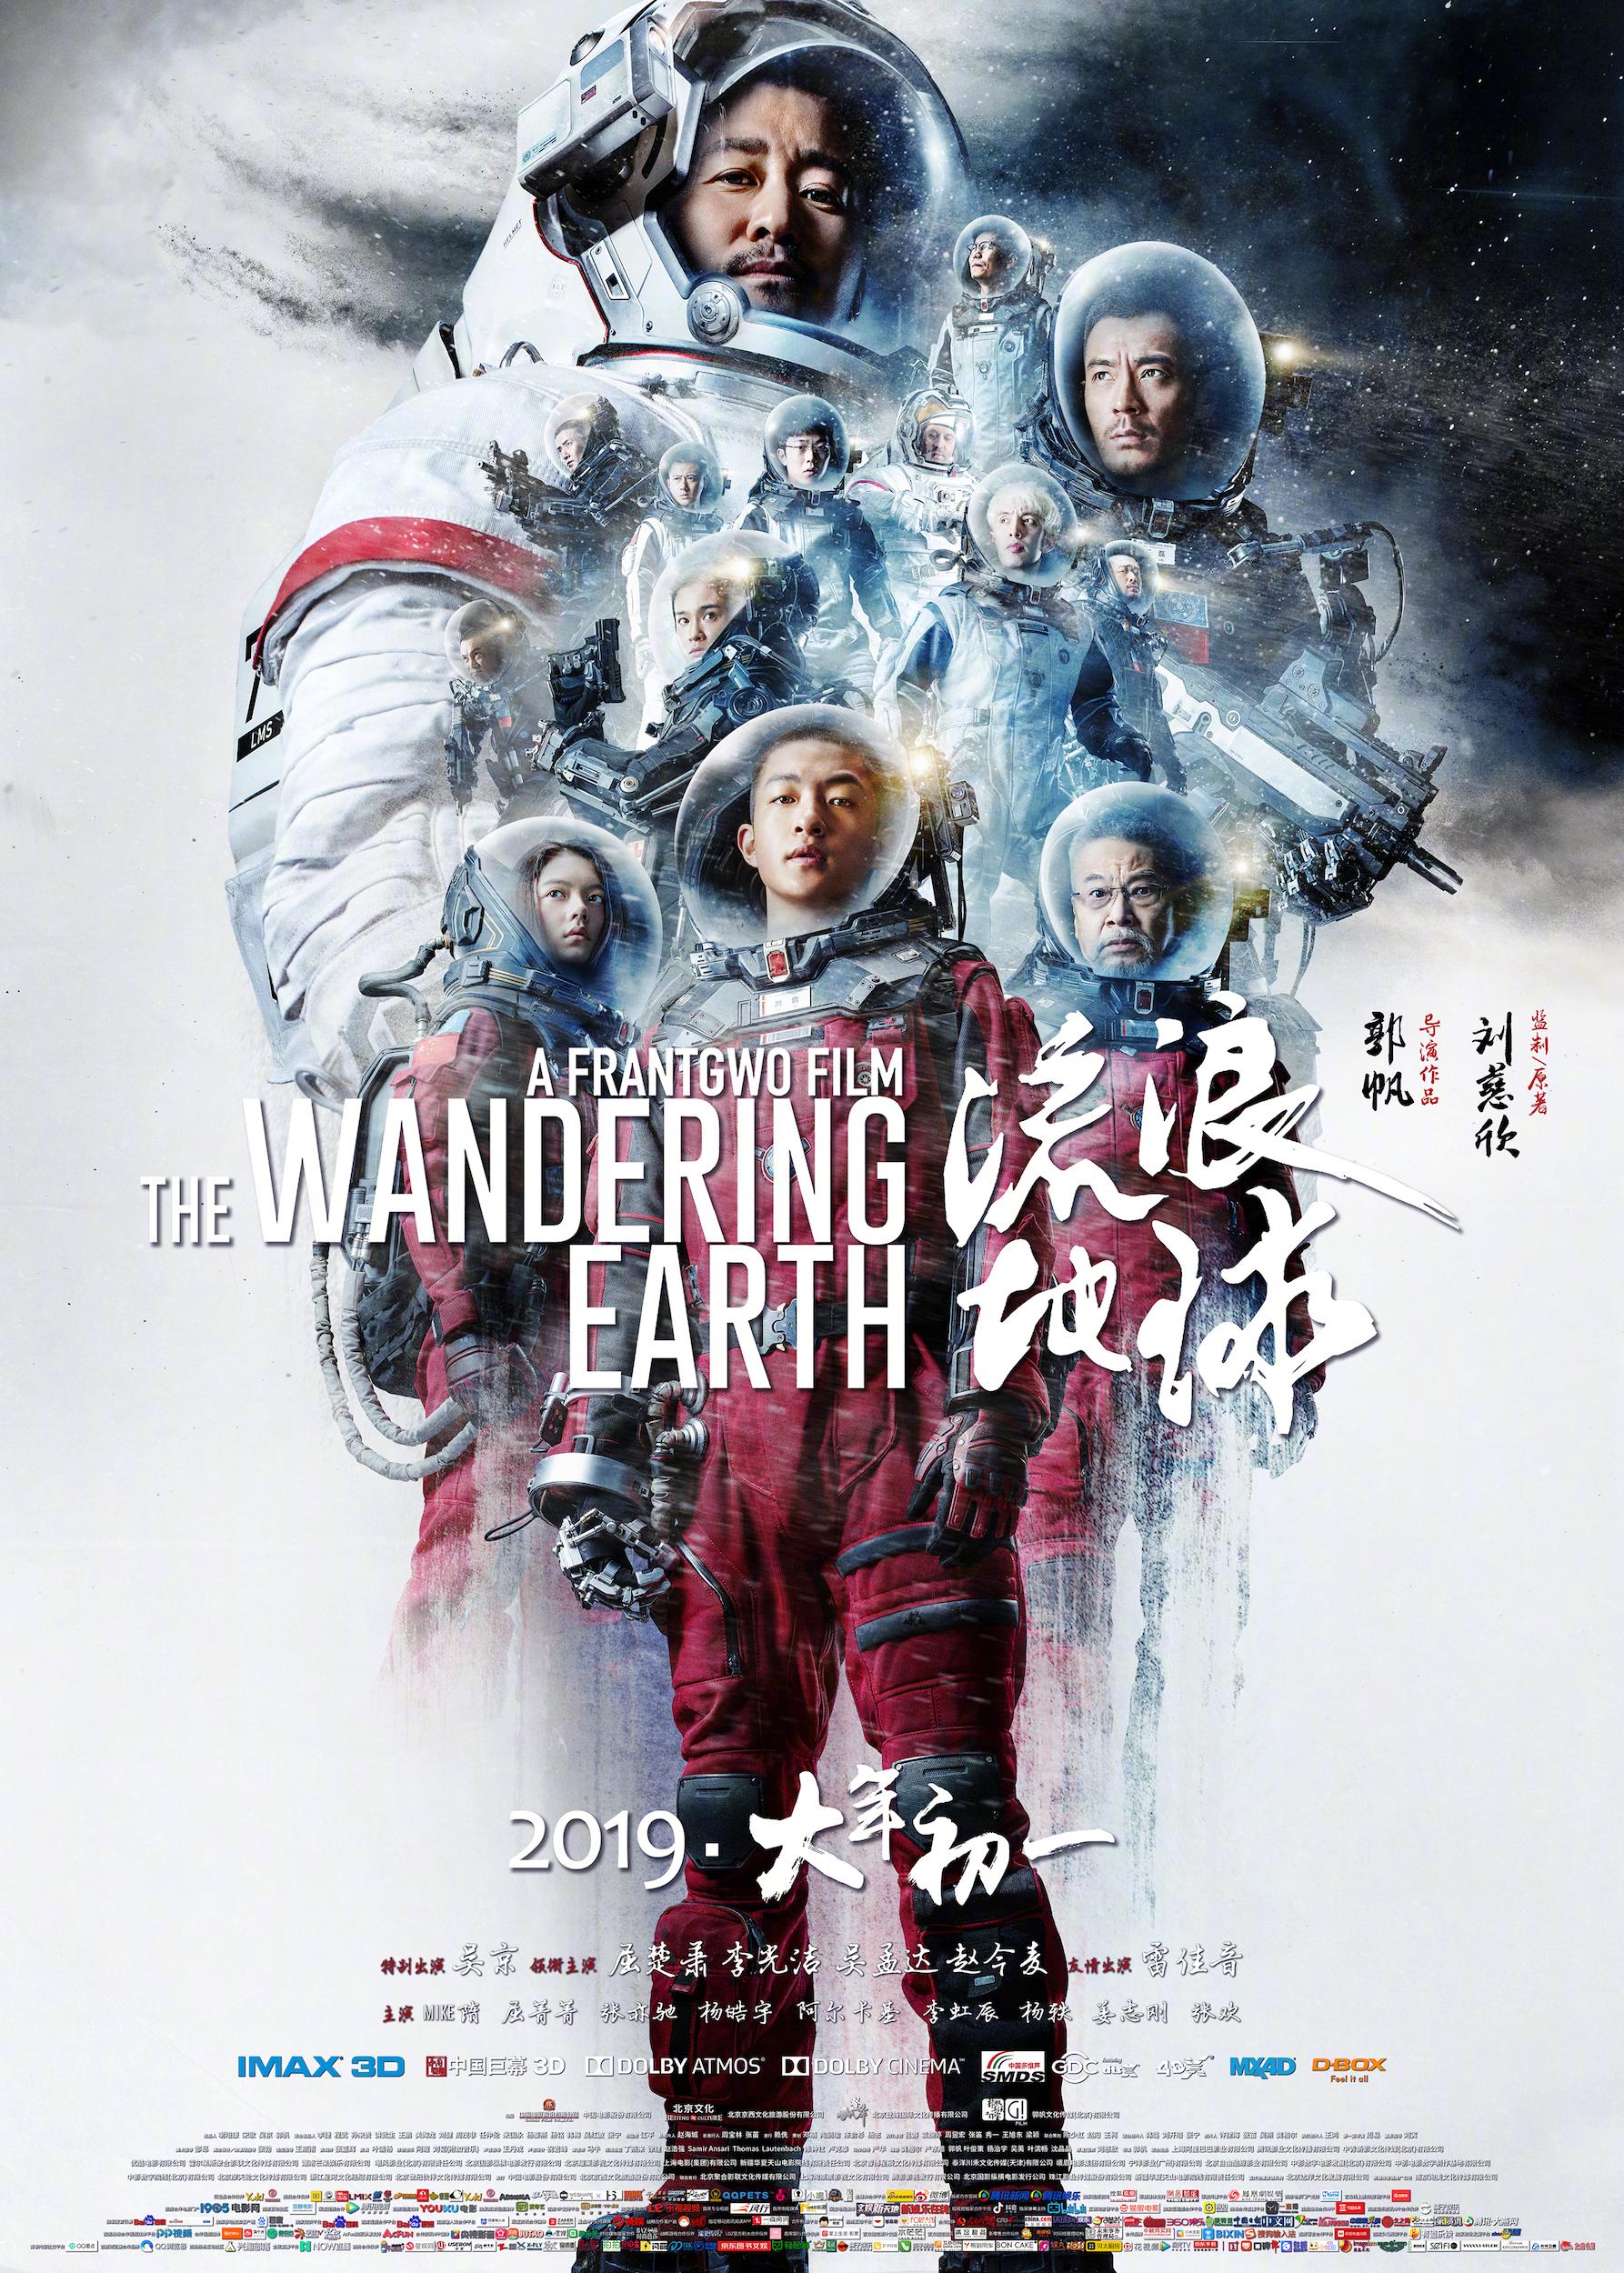 The Wandering Earth 2019   IMDb 1786x2500